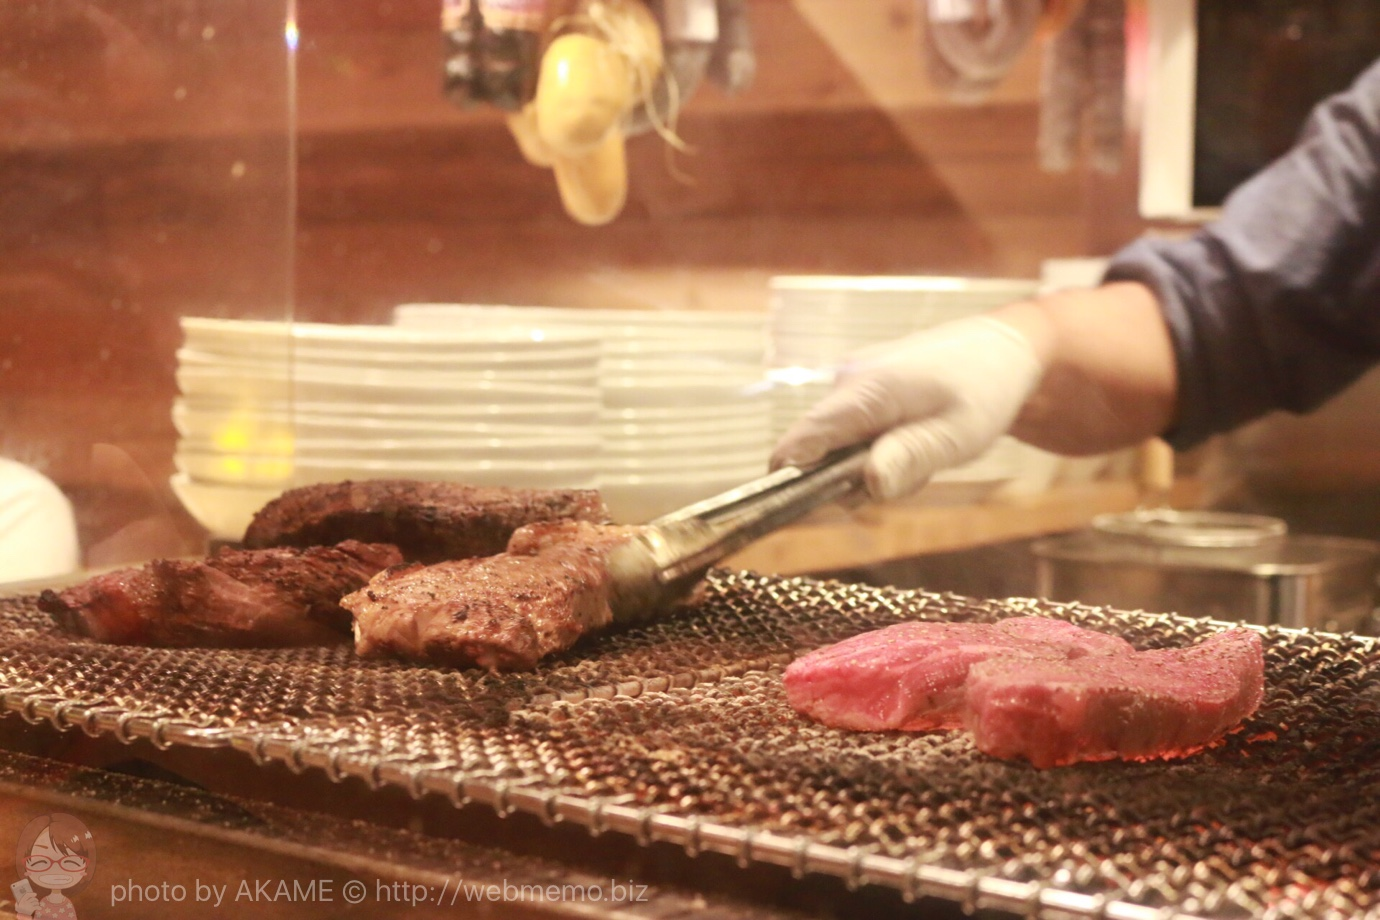 神田の肉バル「RUMP CAP」 カウンター席から見えるお肉